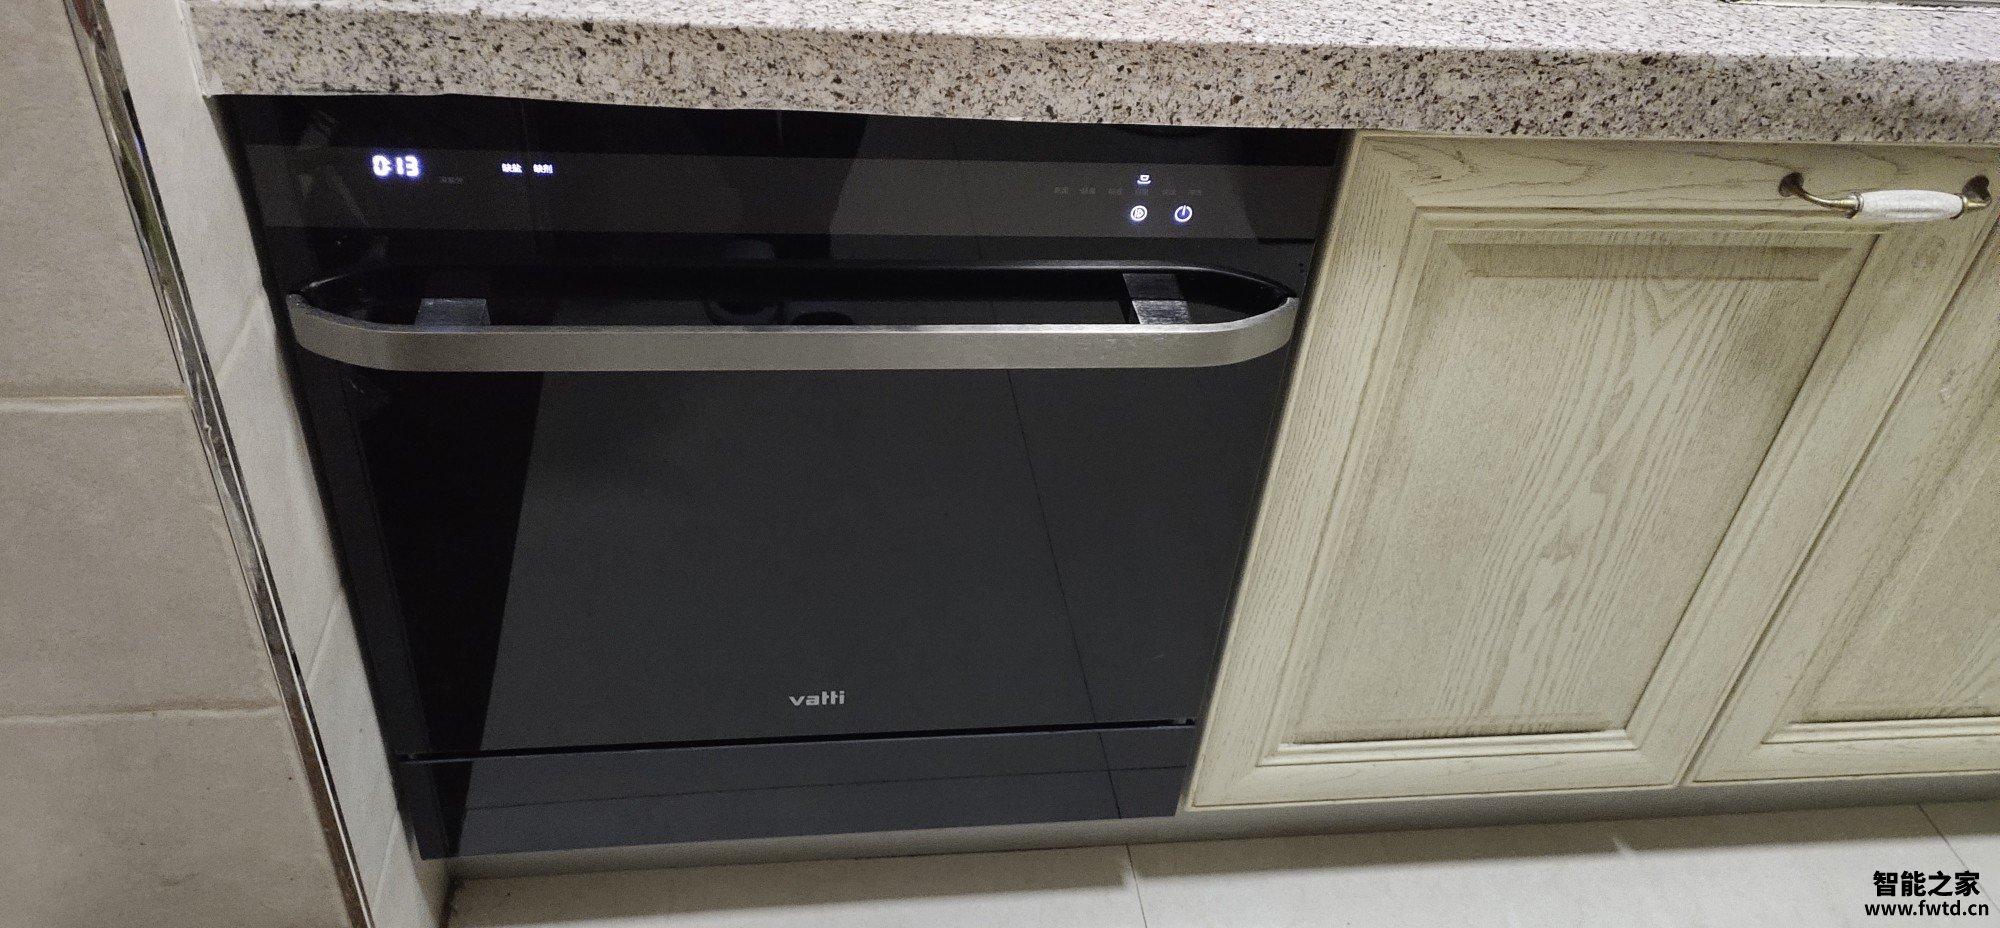 【已分享】华帝H7嵌入式洗碗机怎么样??入手质量真的好?